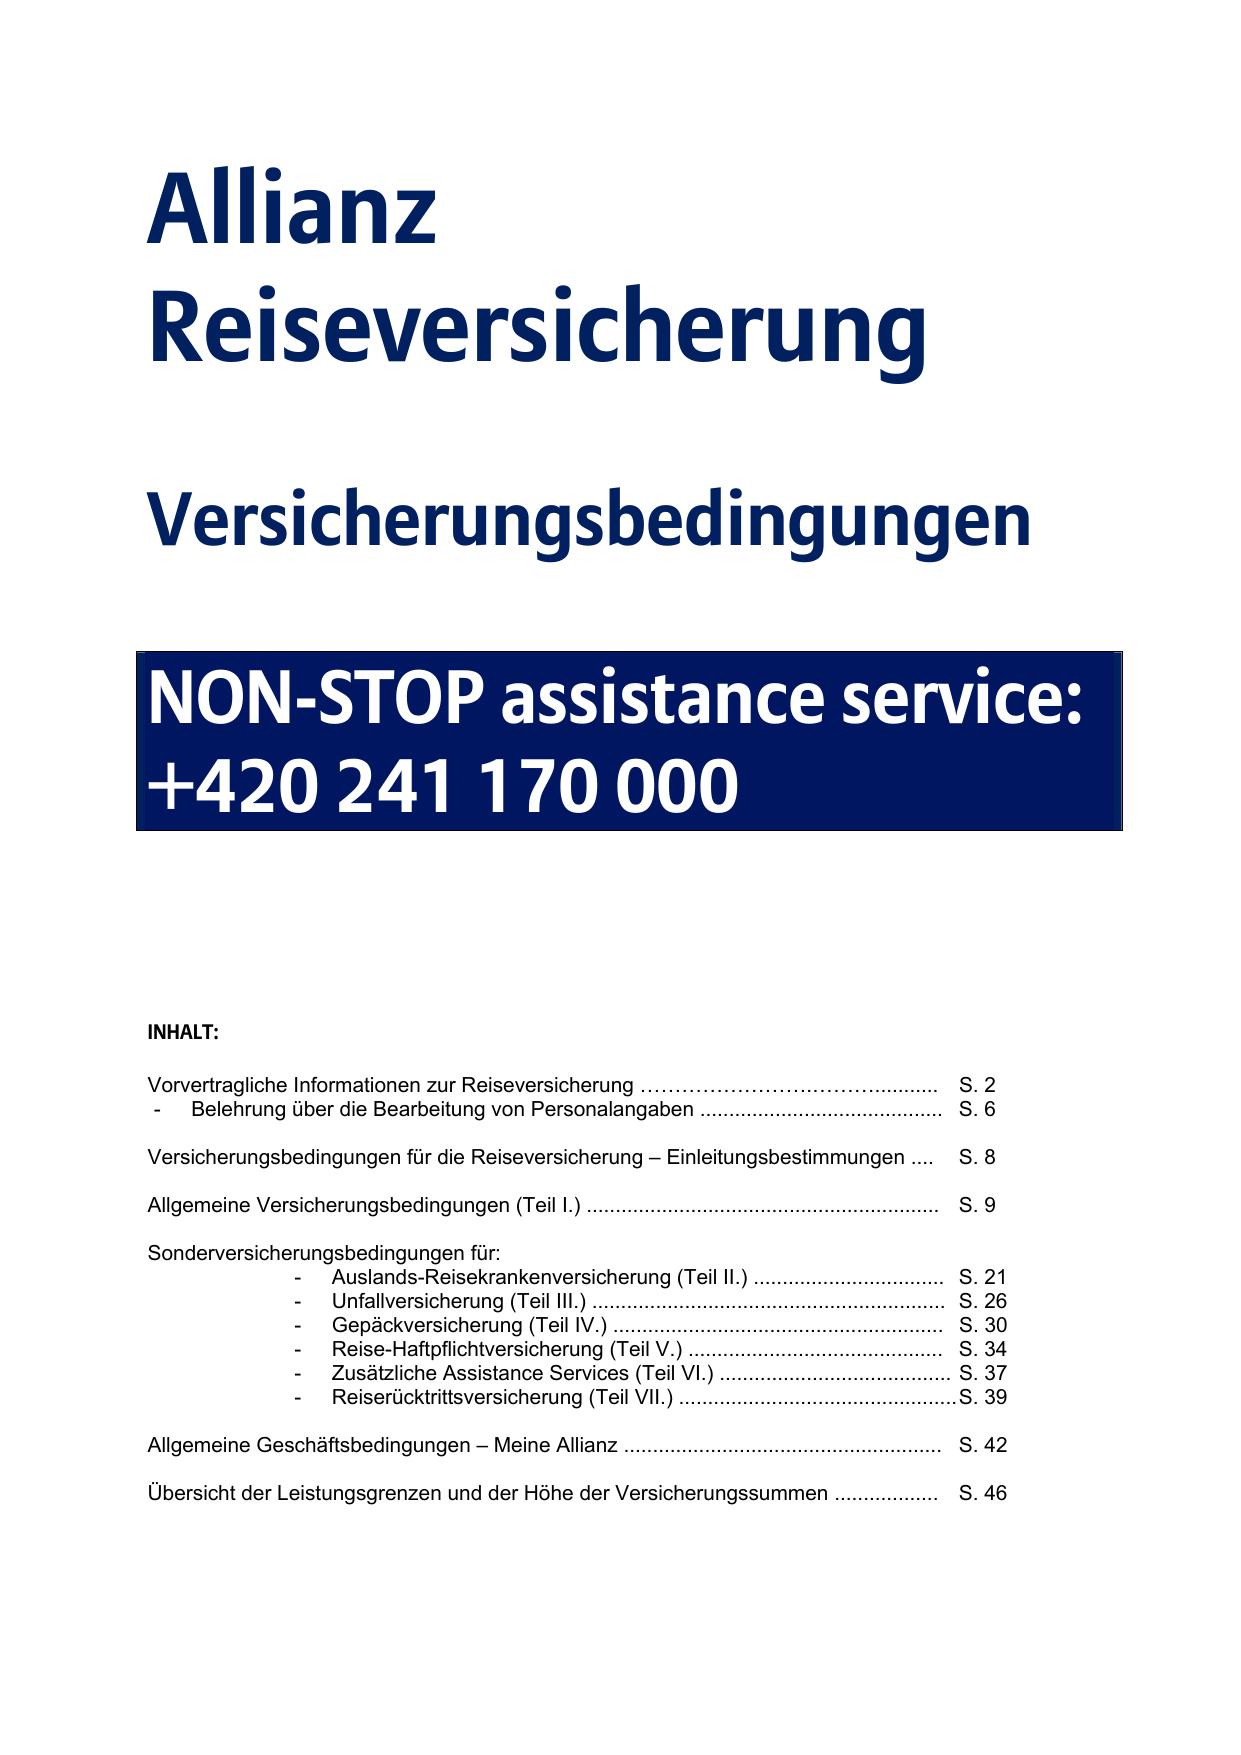 sonderversicherungsbedingungen | manualzz.com